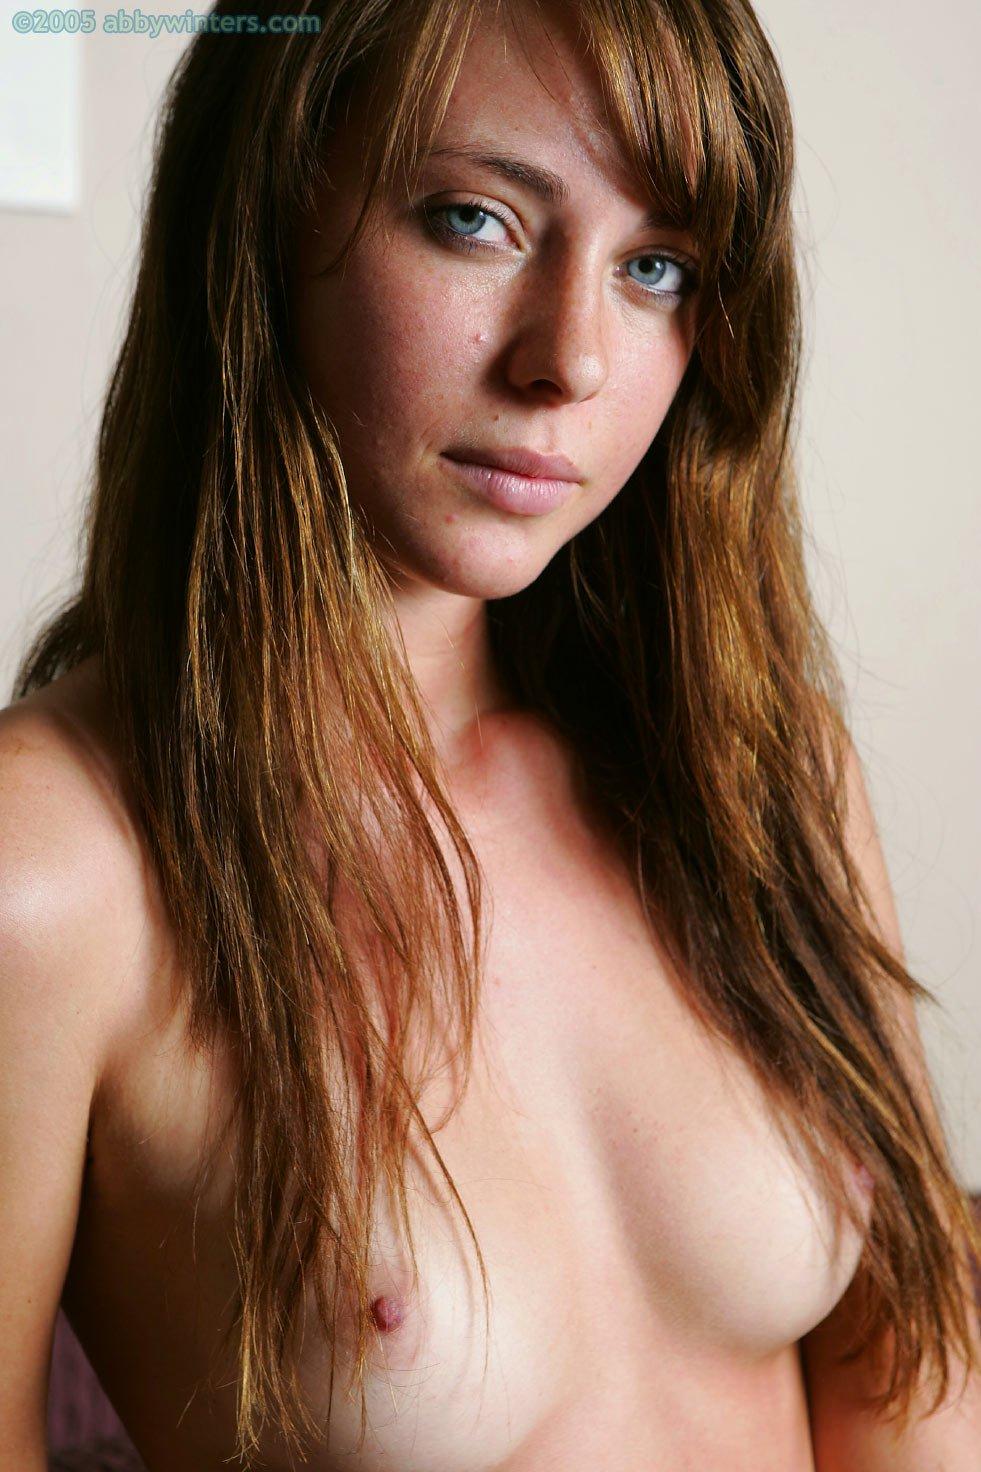 русские порно фото женщины за 55